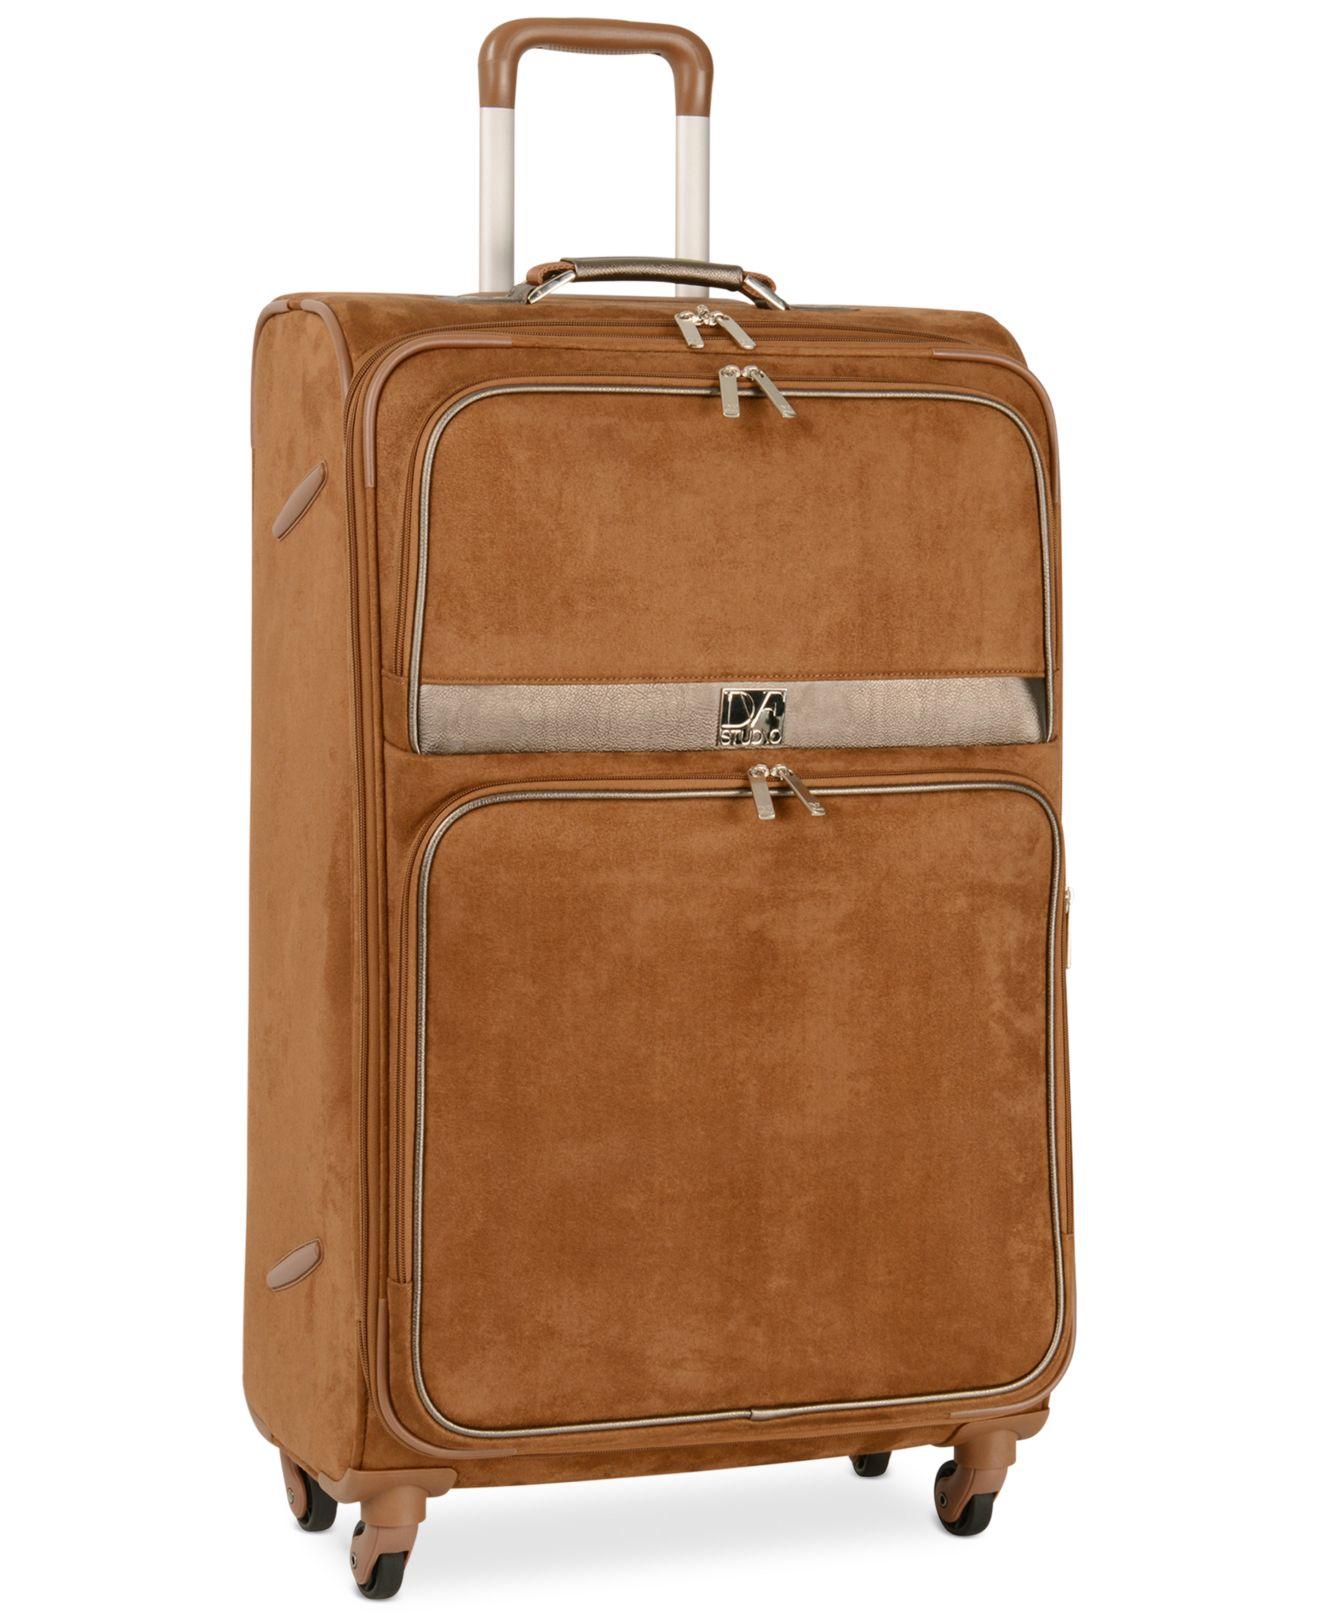 diane von furstenberg luggage - photo #37